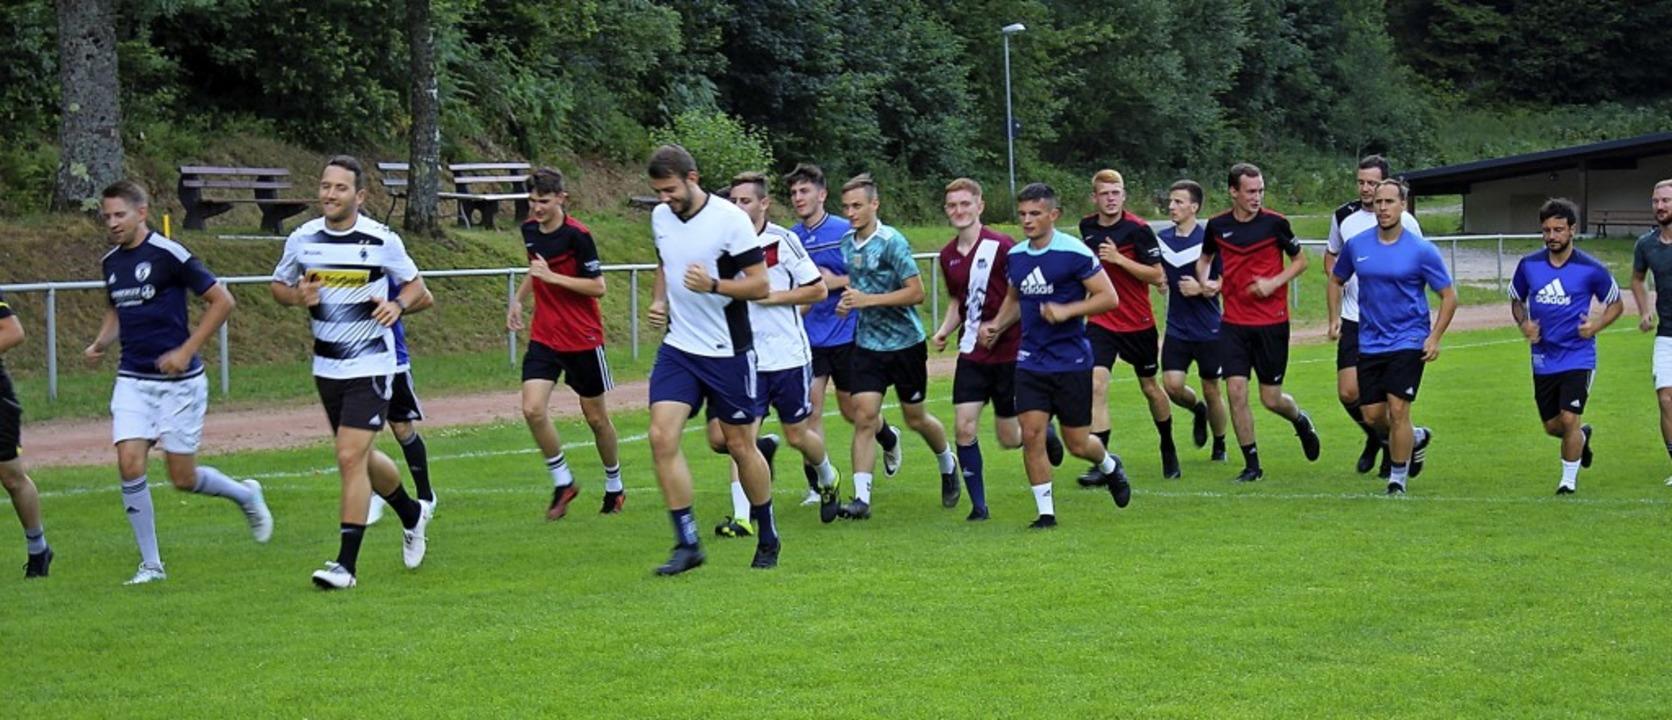 Das SG-Team beim Training auf dem Platz der Sportfreunde Obersimonswald   | Foto: Karin Heiß